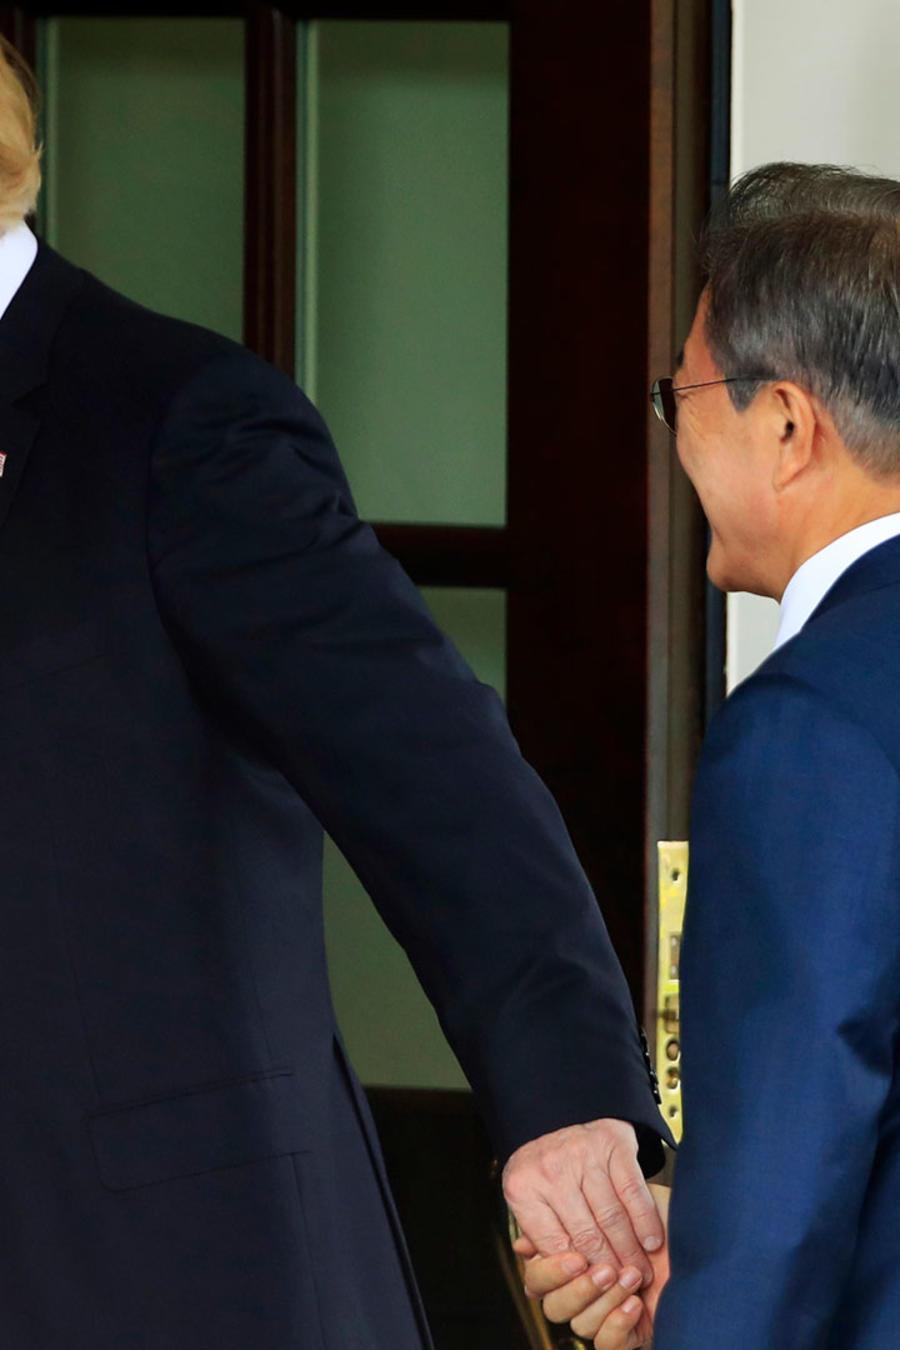 El presidente de EEUU, Donald Trump, en la Casa Blanca junto con su homólogo de Corea del Sur